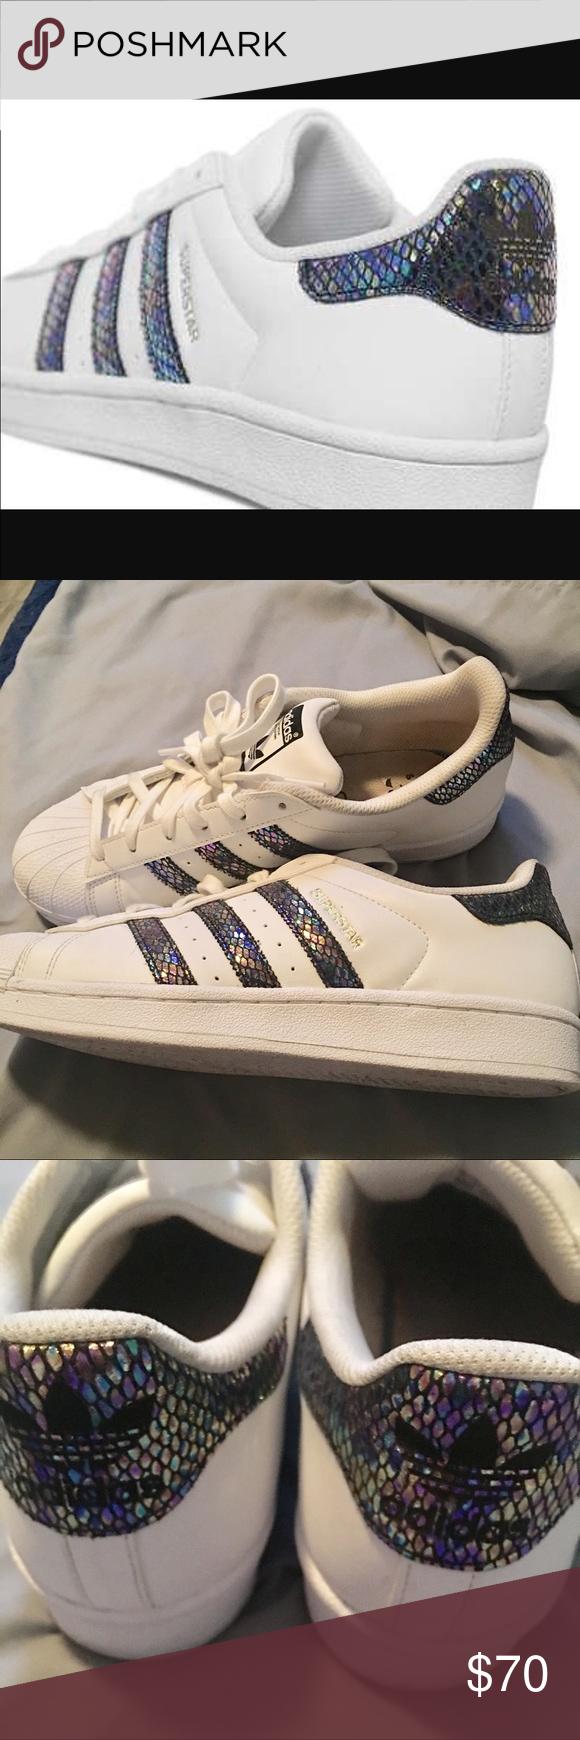 Adidas Superstar Adidas Superstars adidas Shoes Sneakers